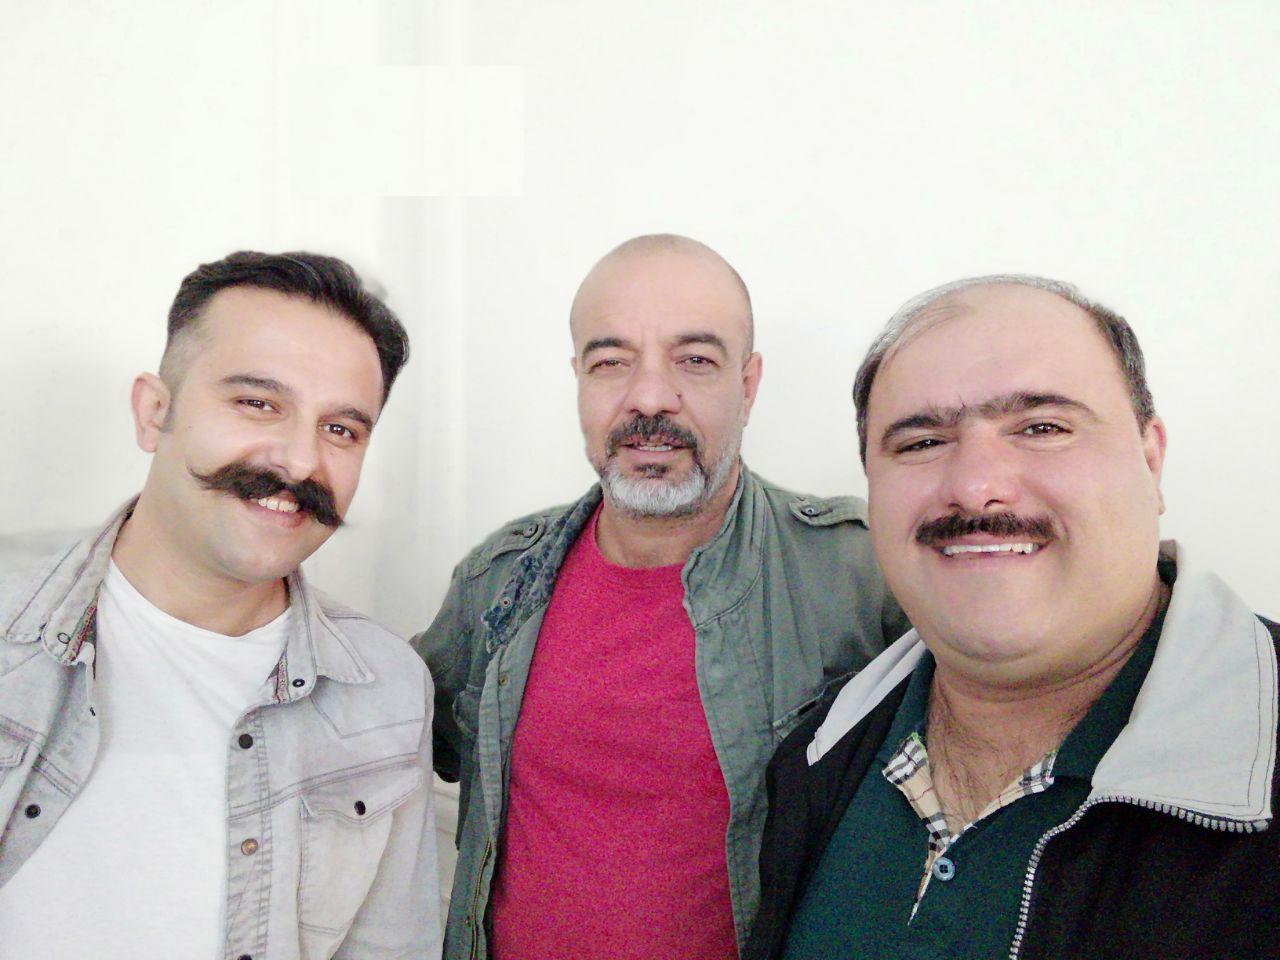 حسین موسوی و سعید آقاخانی در سریال نون خ